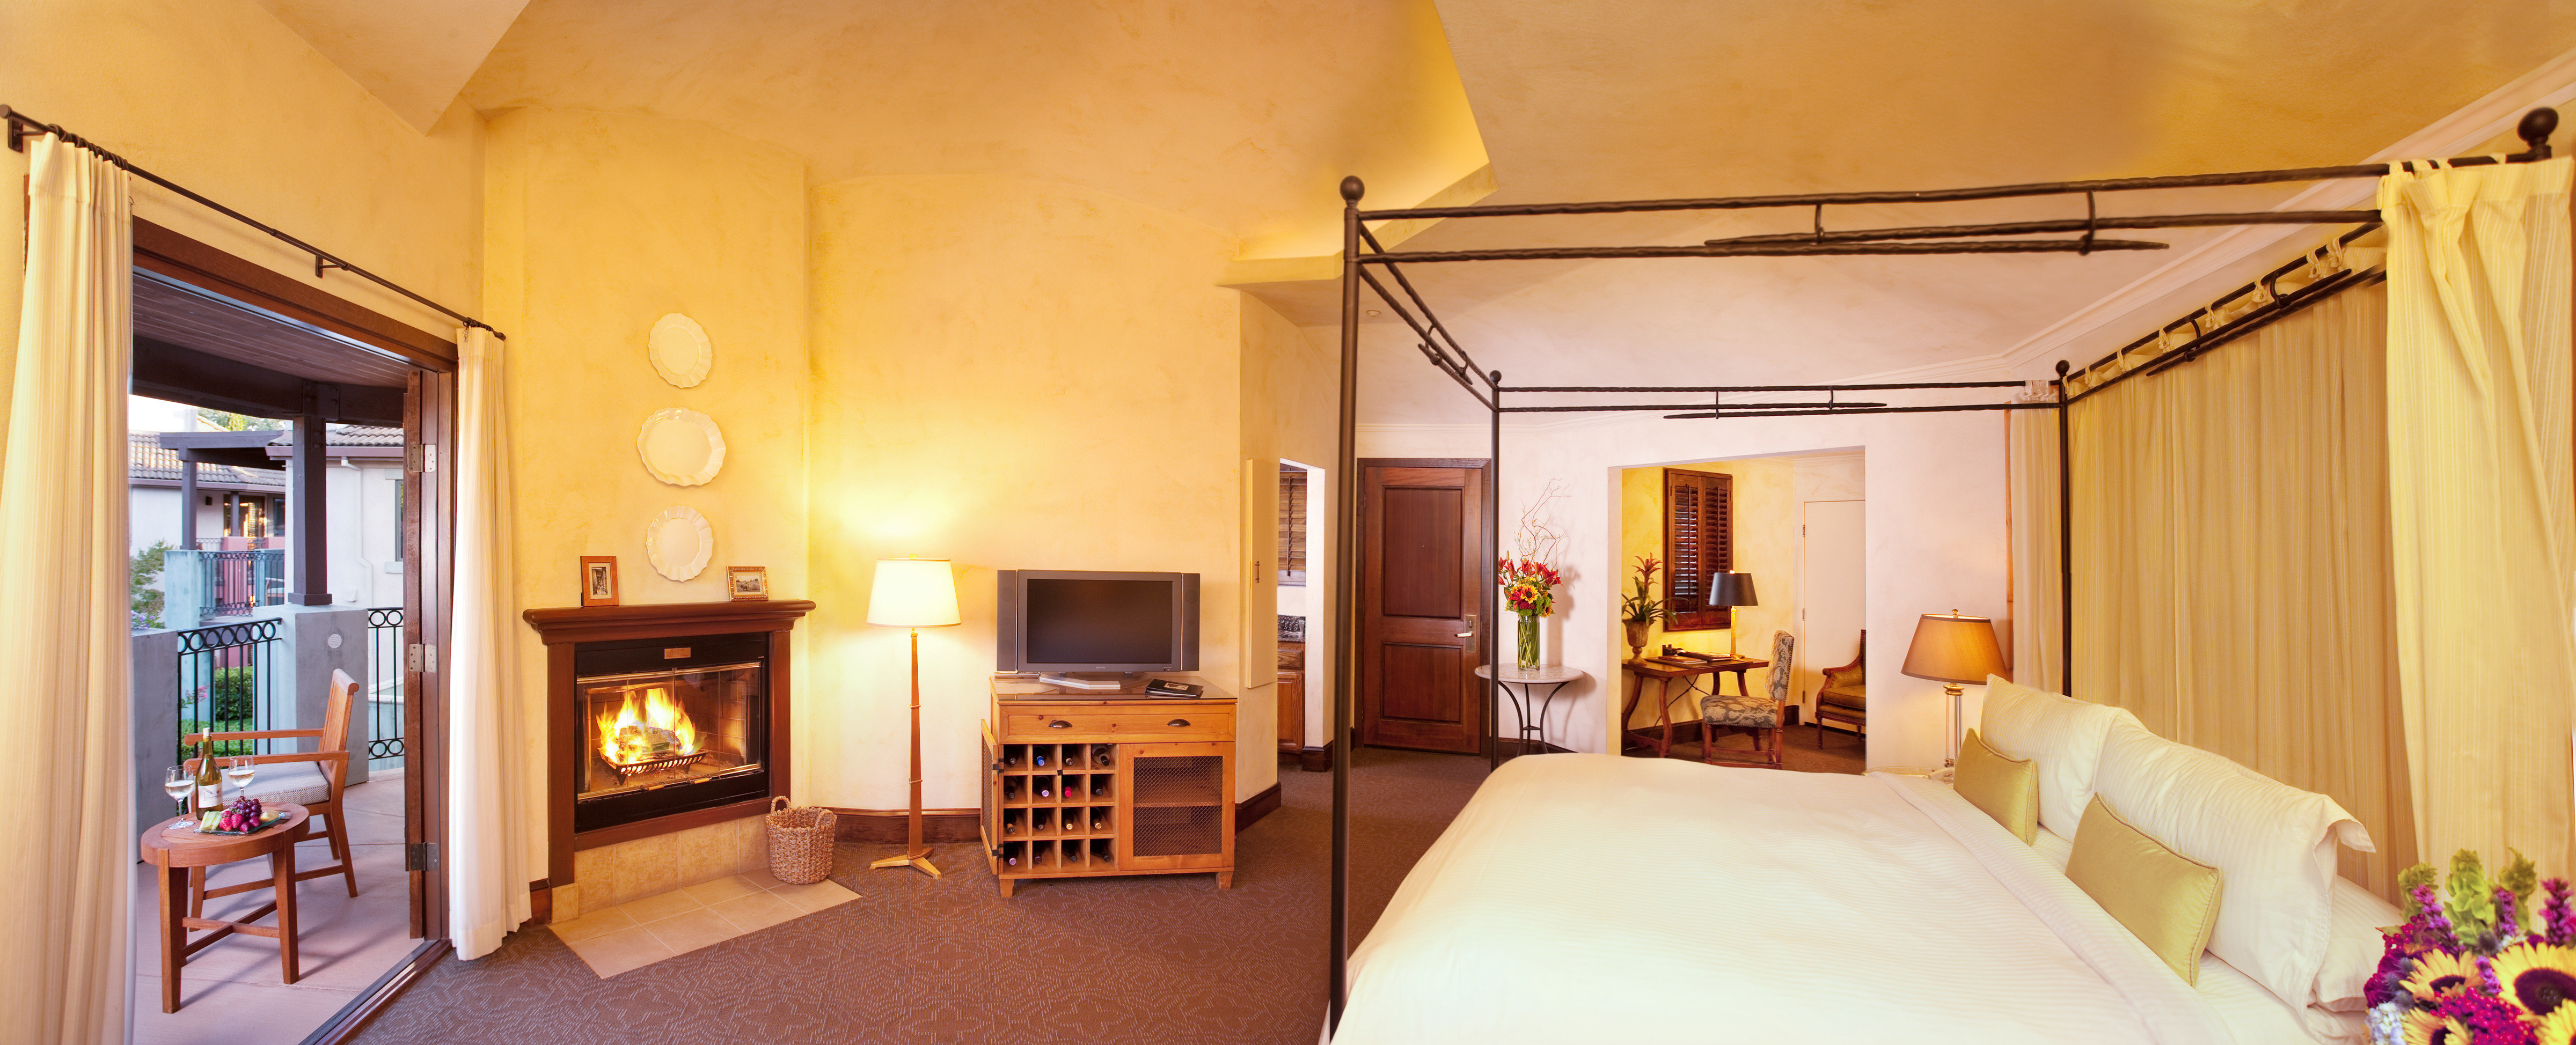 Bedroom Elegant Luxury Modern Suite property cottage home Villa mansion